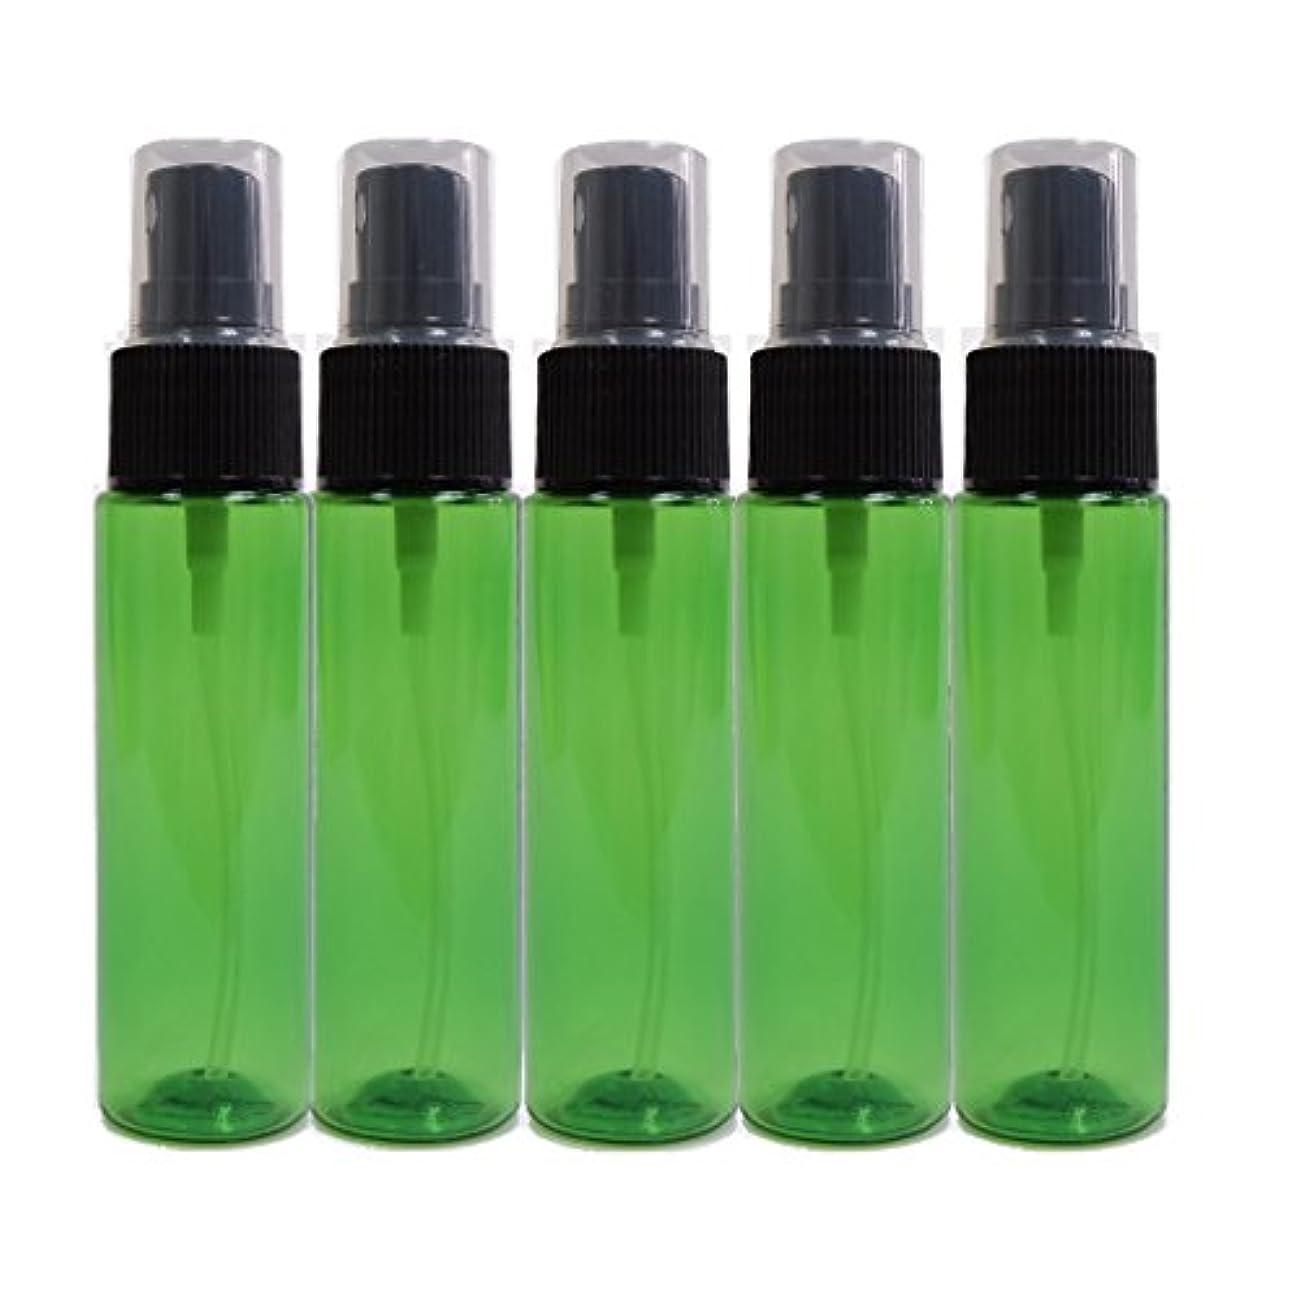 調査クレジットコメントease 保存容器 スプレータイプ プラスチック 緑色 30ml×5本